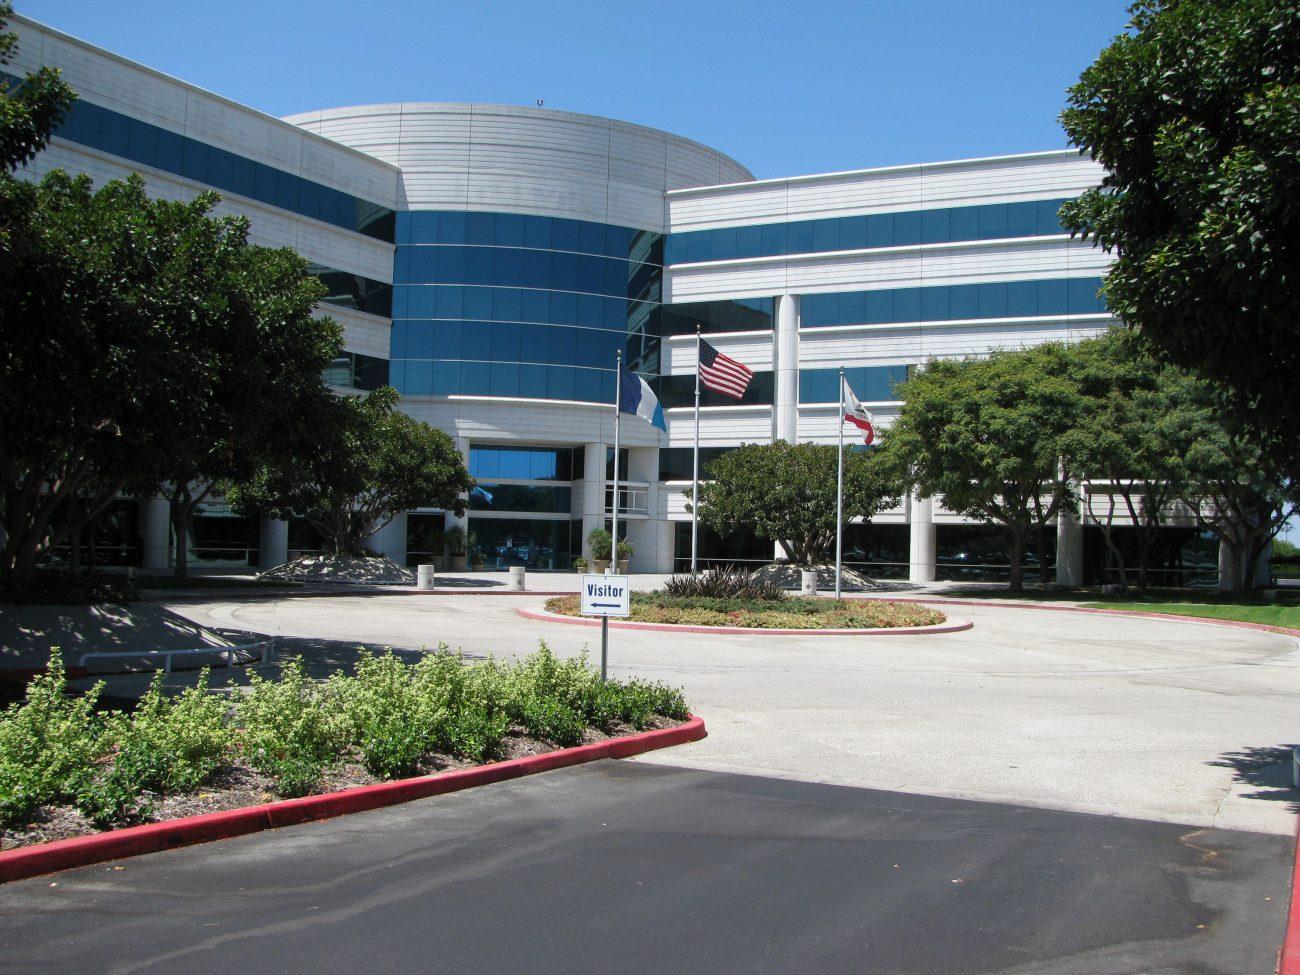 Toyo-Tires-USA-HQ-2011-e1504632979408